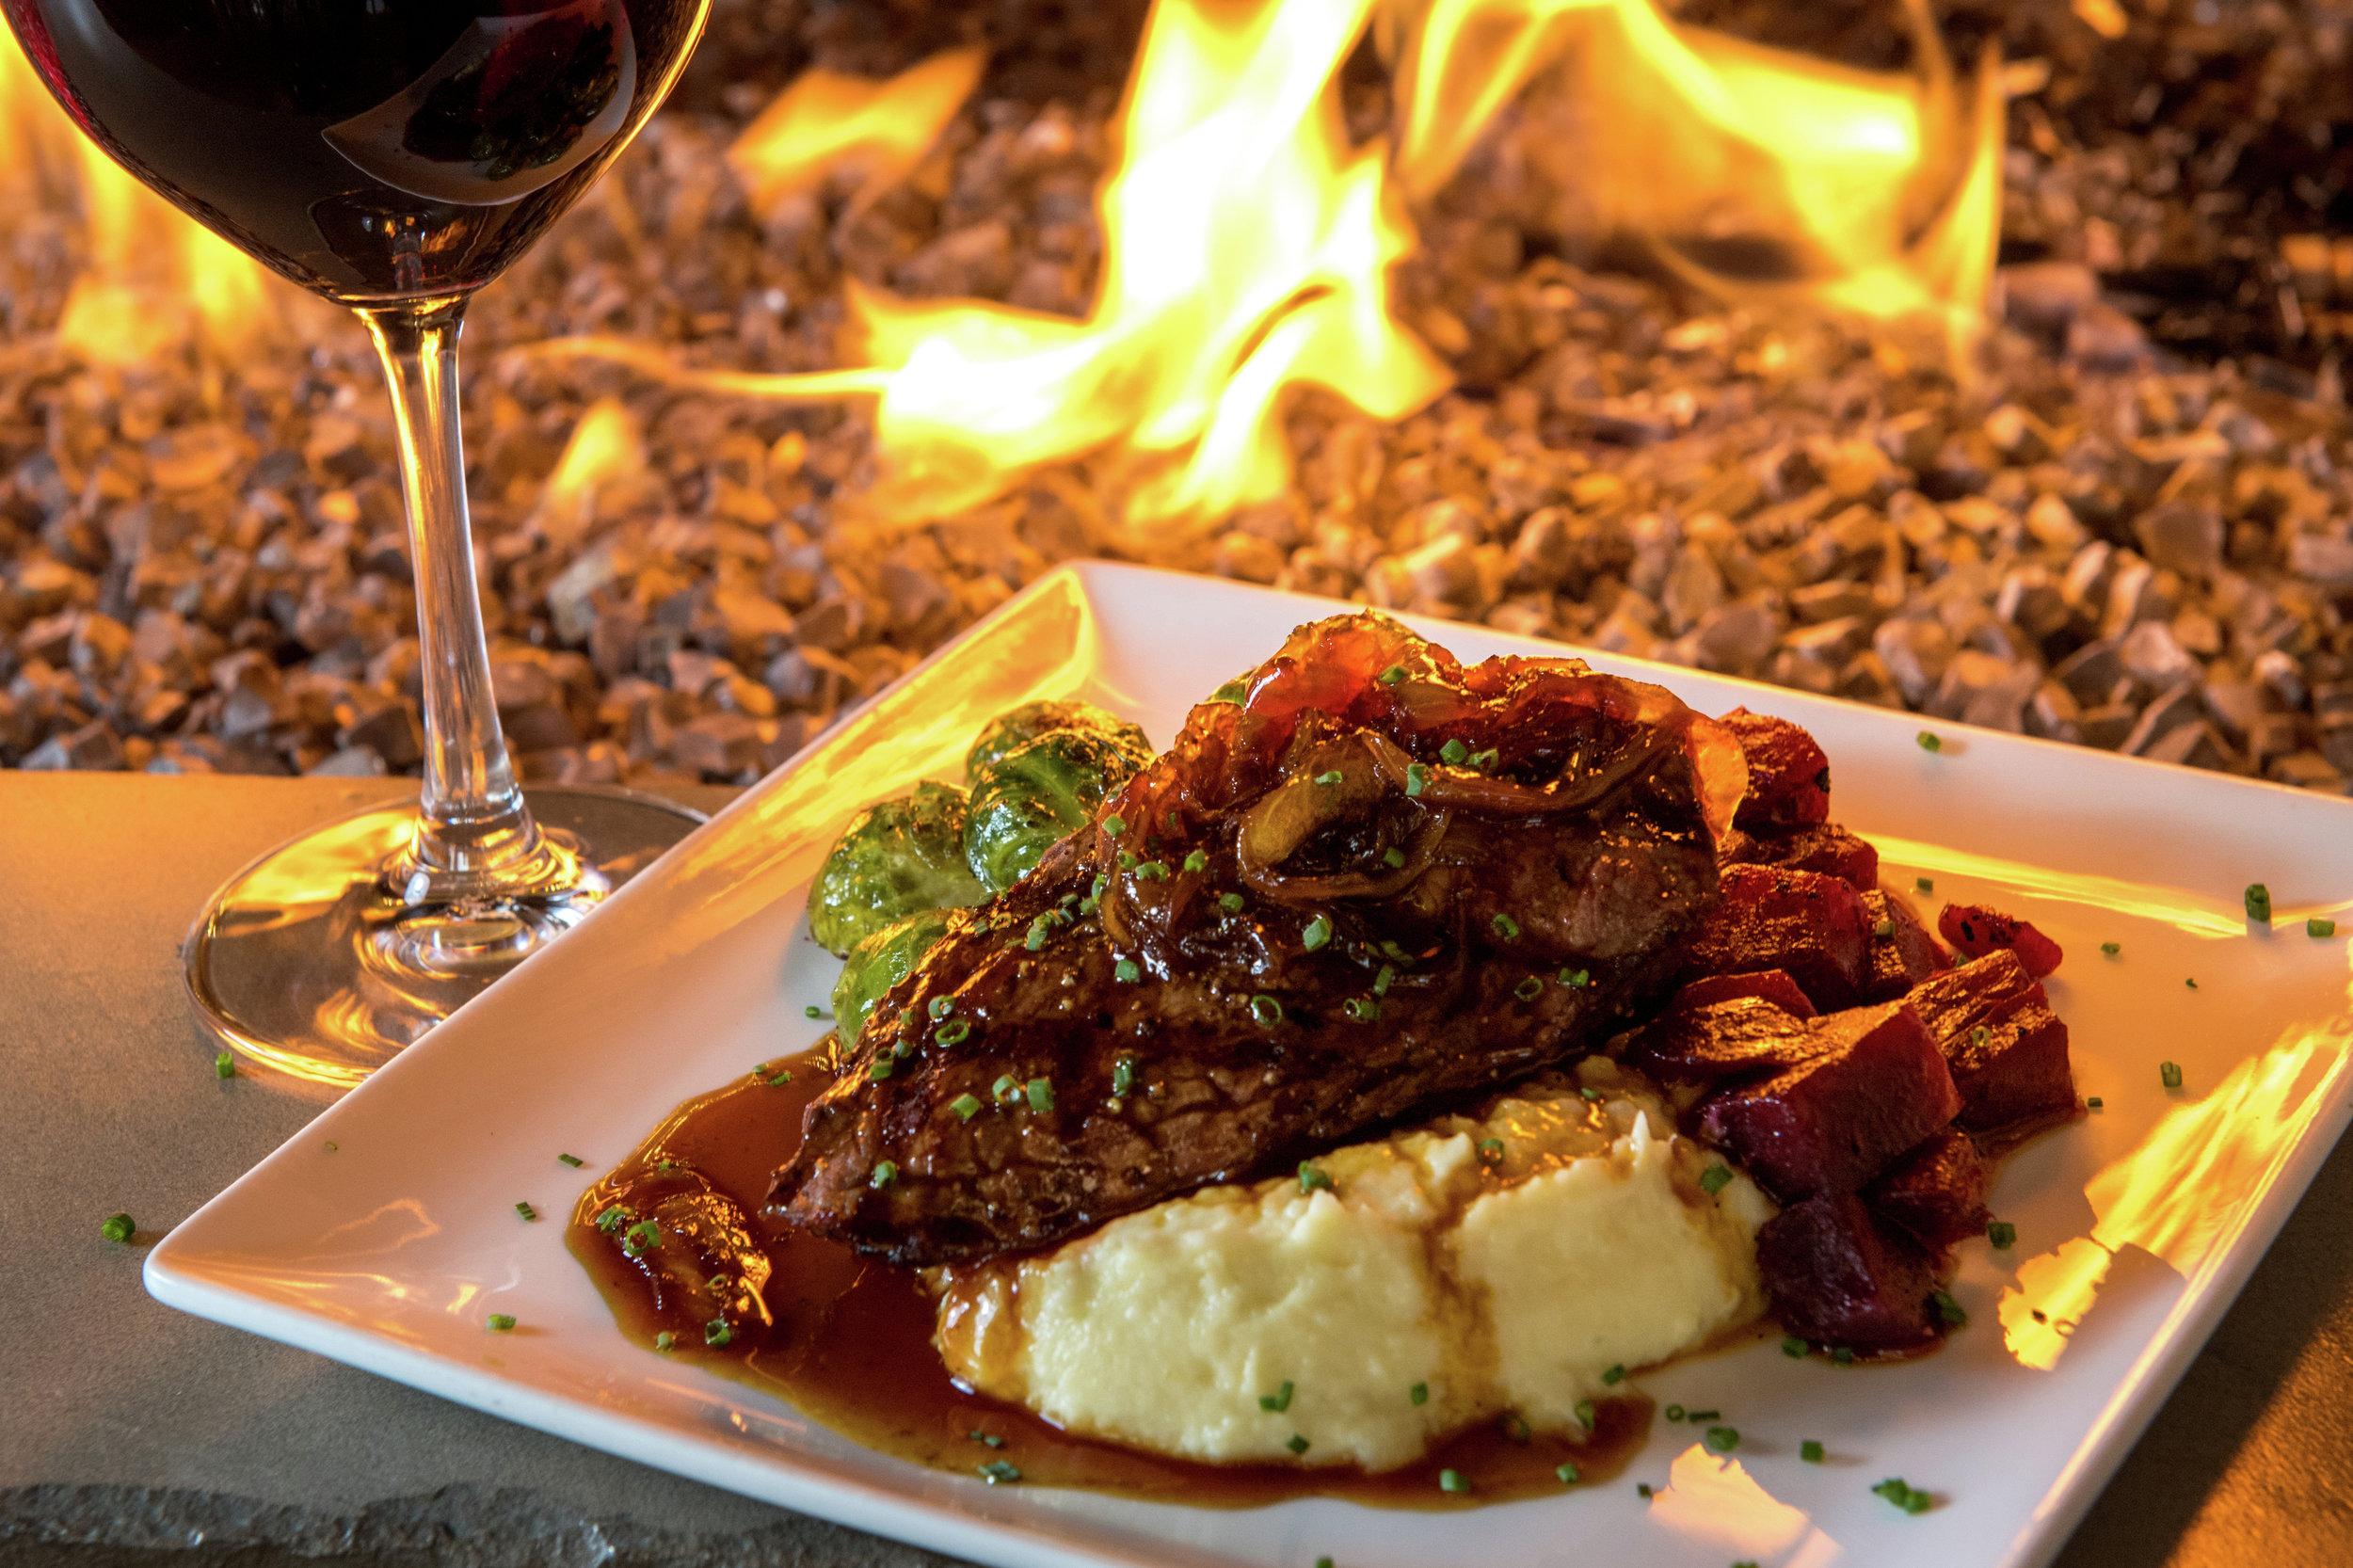 B K-Dinner-Steak potatoes-1-3500x2333.jpg